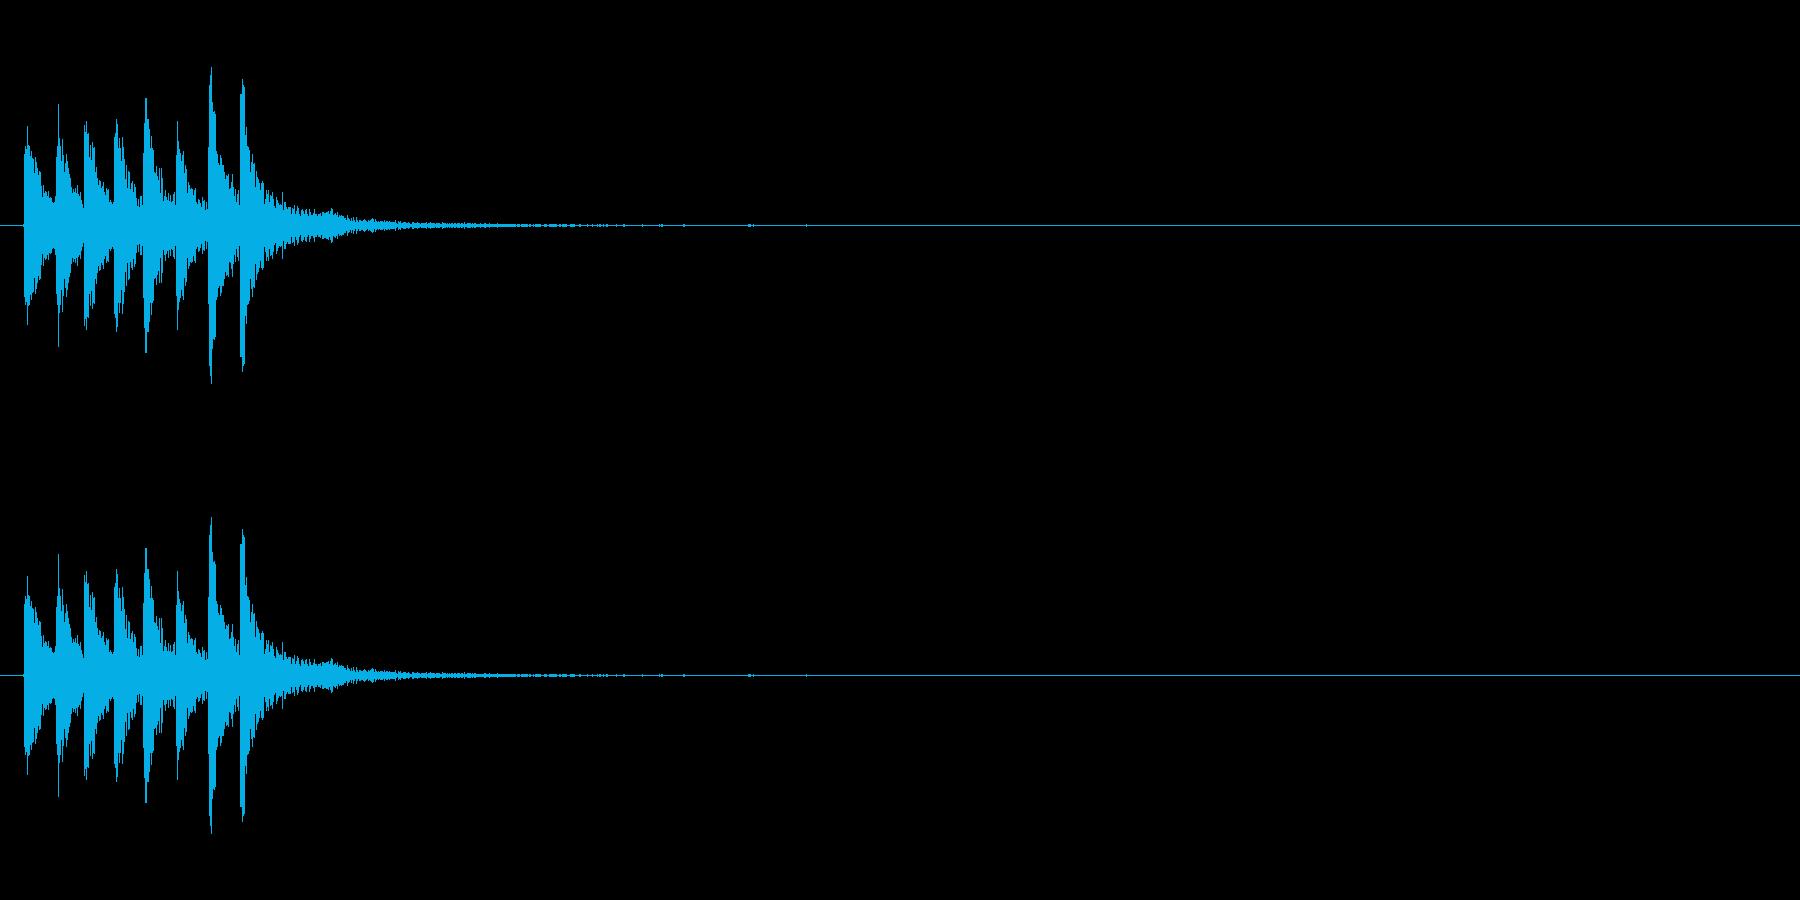 スチールドラムの上昇音【キラキラキラ】…の再生済みの波形